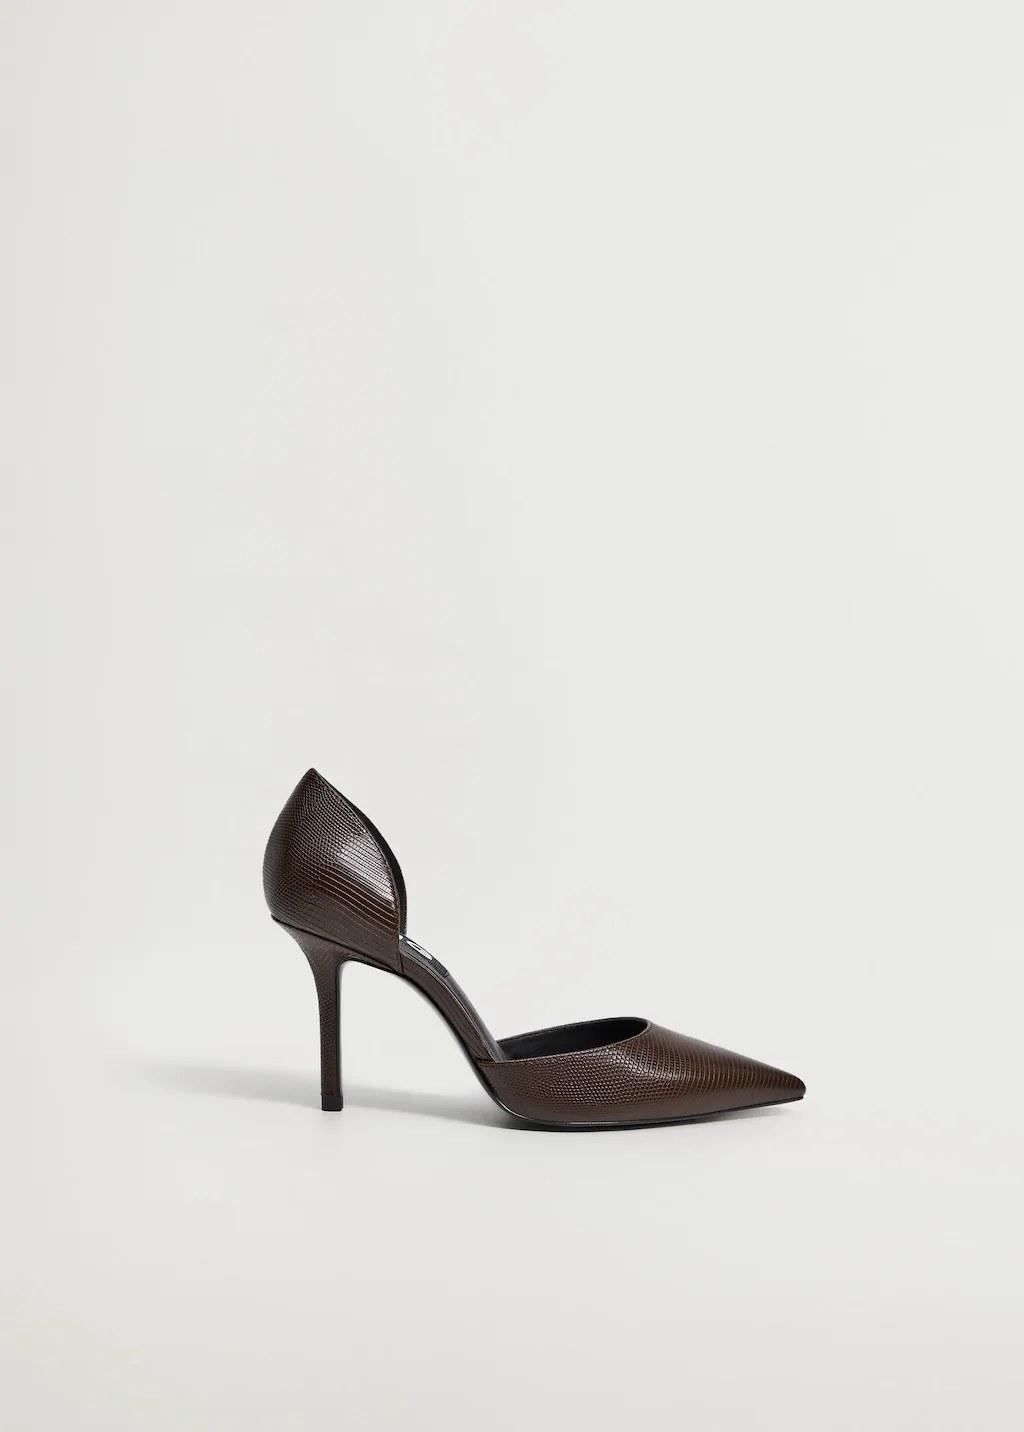 Mango rebaja el zapato que comparten Letizia y la Princesa Leonor